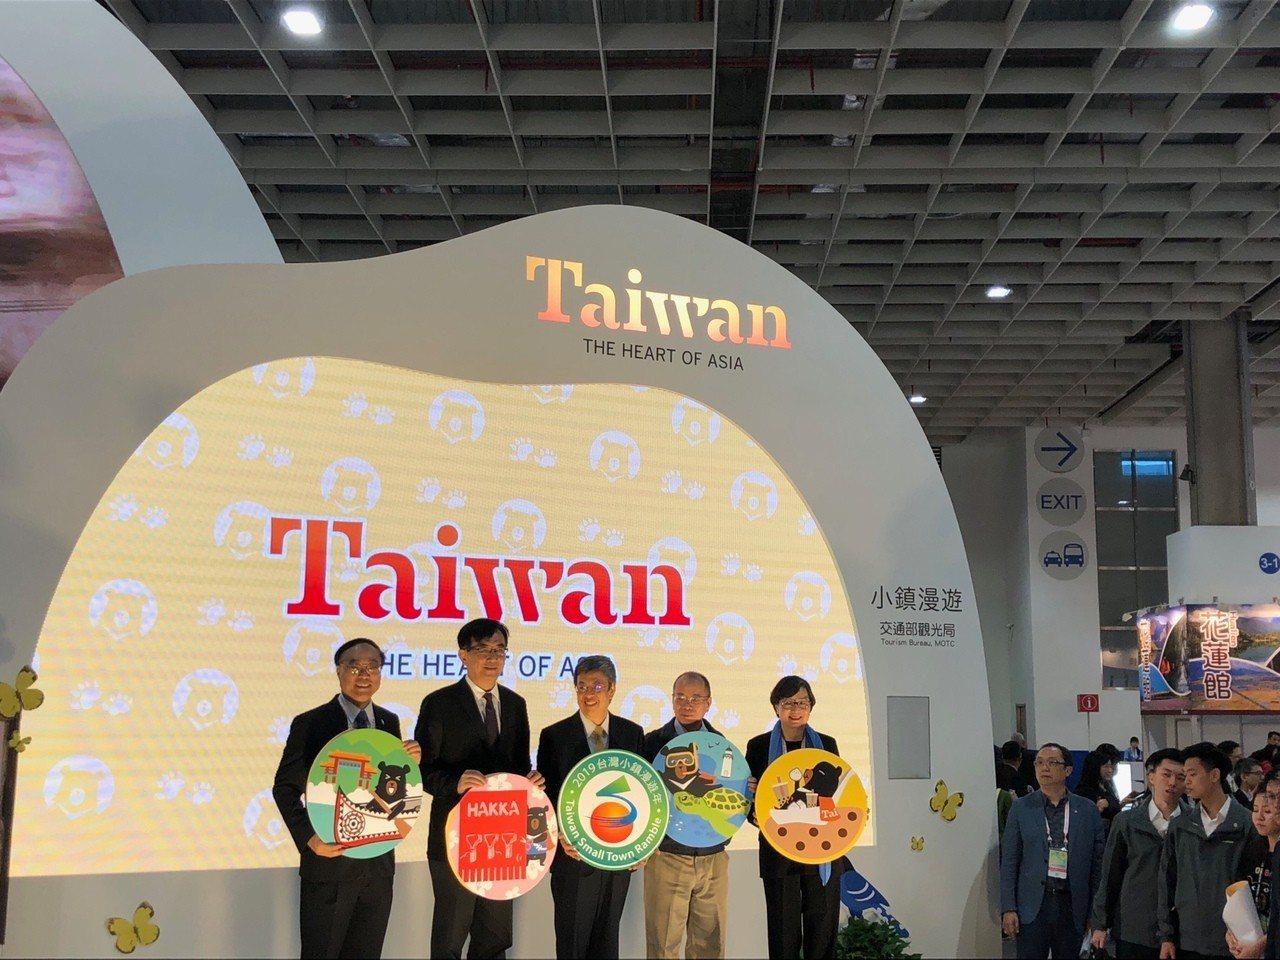 交通部觀光局於今年台北國際旅展設立台灣觀光形象館。圖/交通部觀光局提供